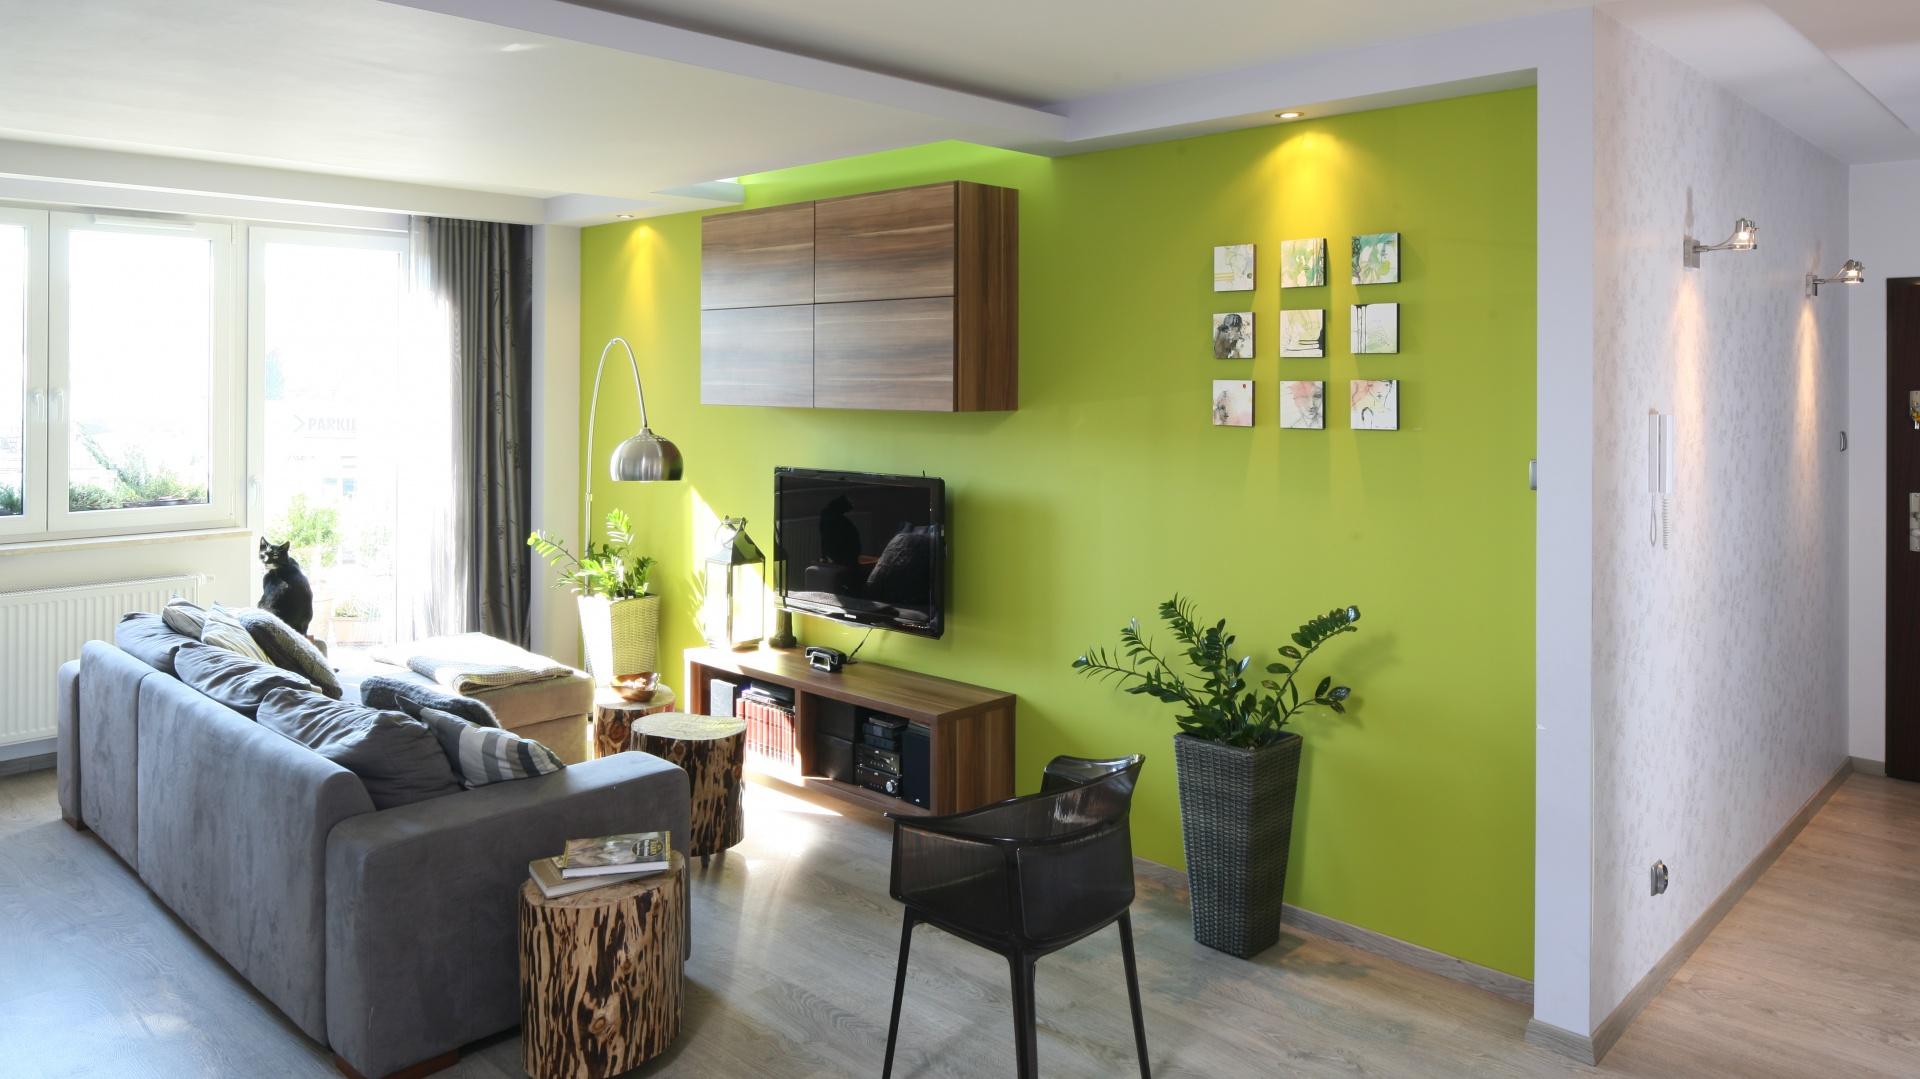 Prawie 20% respondentów wybrałoby meble w kolorze drewna do swojego mieszkania. Projekt: Arkadiusz Grzędzicki. Fot. Bartosz Jarosz